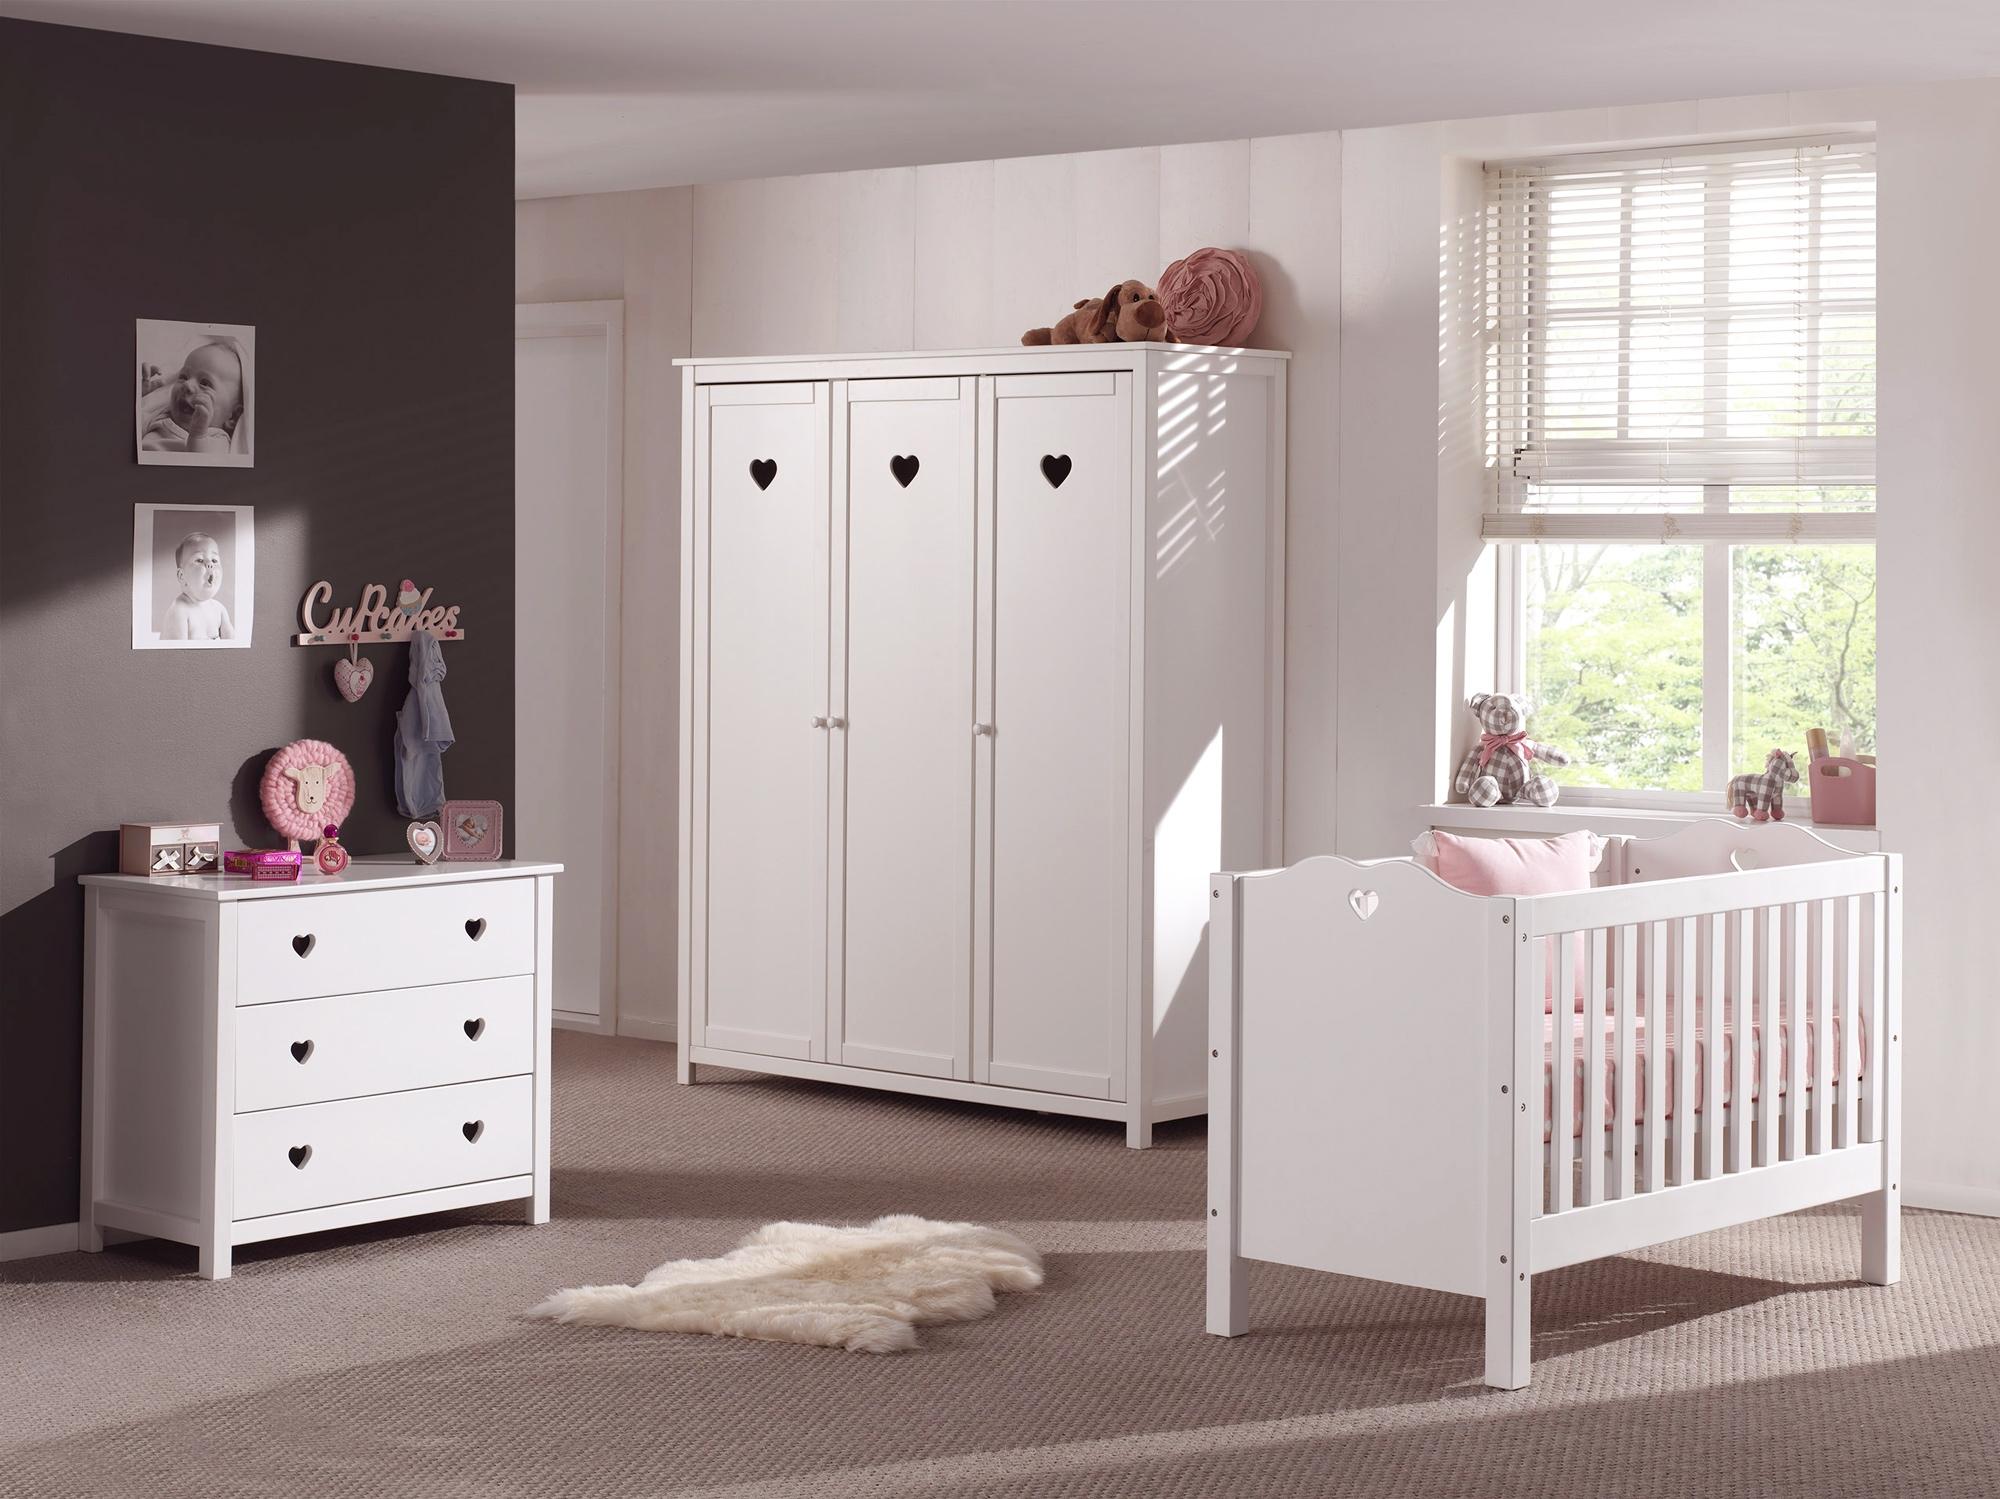 armoire fille de la chambre emilie au style romantique so nuit. Black Bedroom Furniture Sets. Home Design Ideas